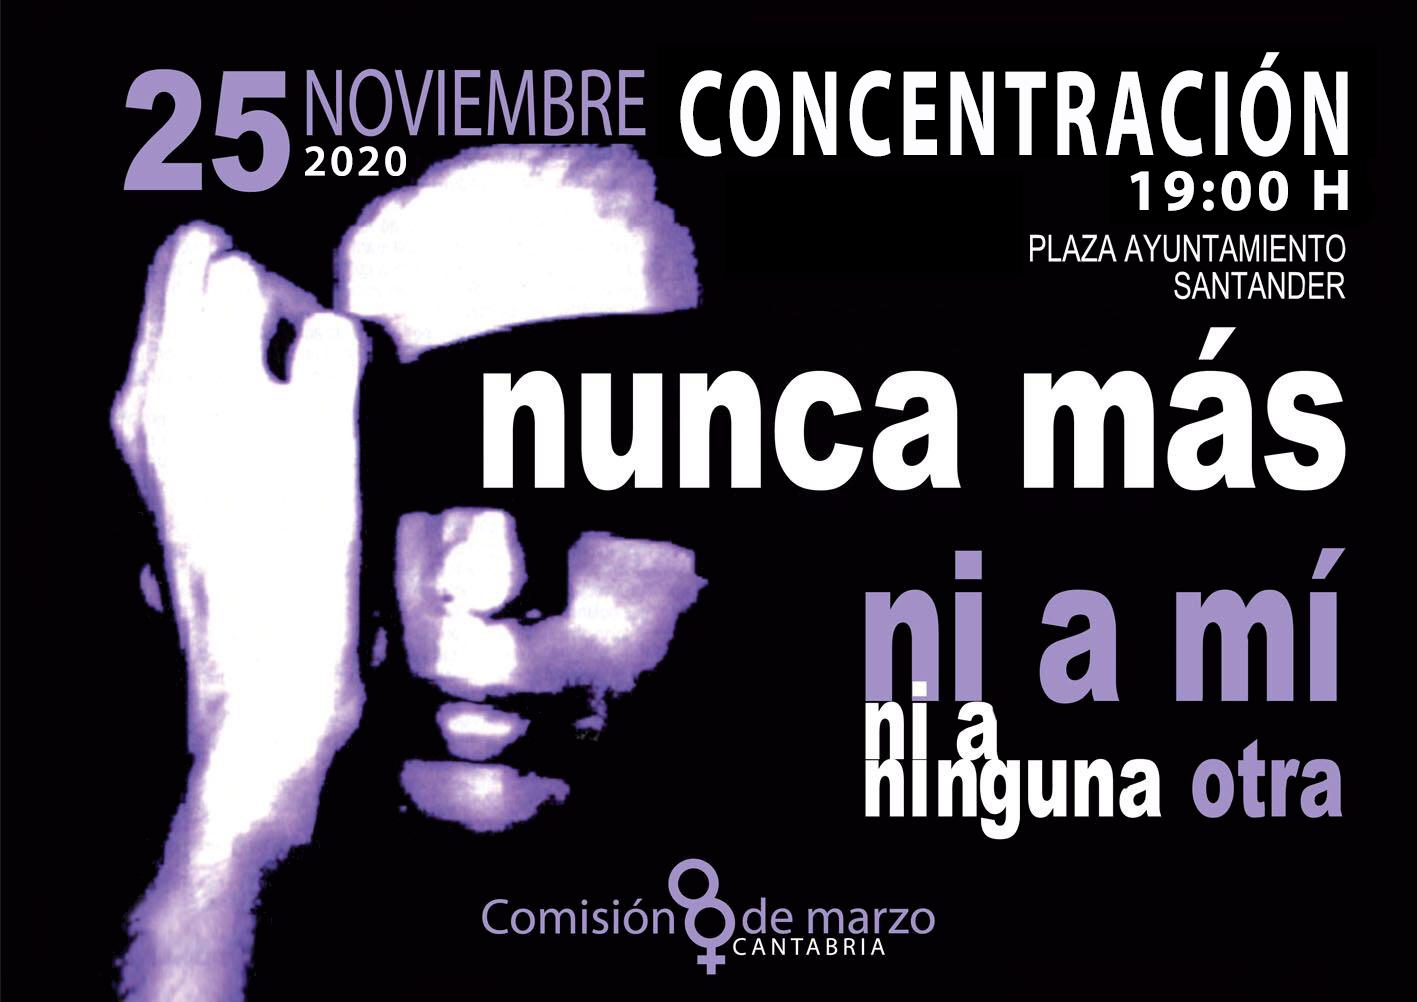 25 de noviembre- Dia internacional para la eliminación de la violencia contra la mujer